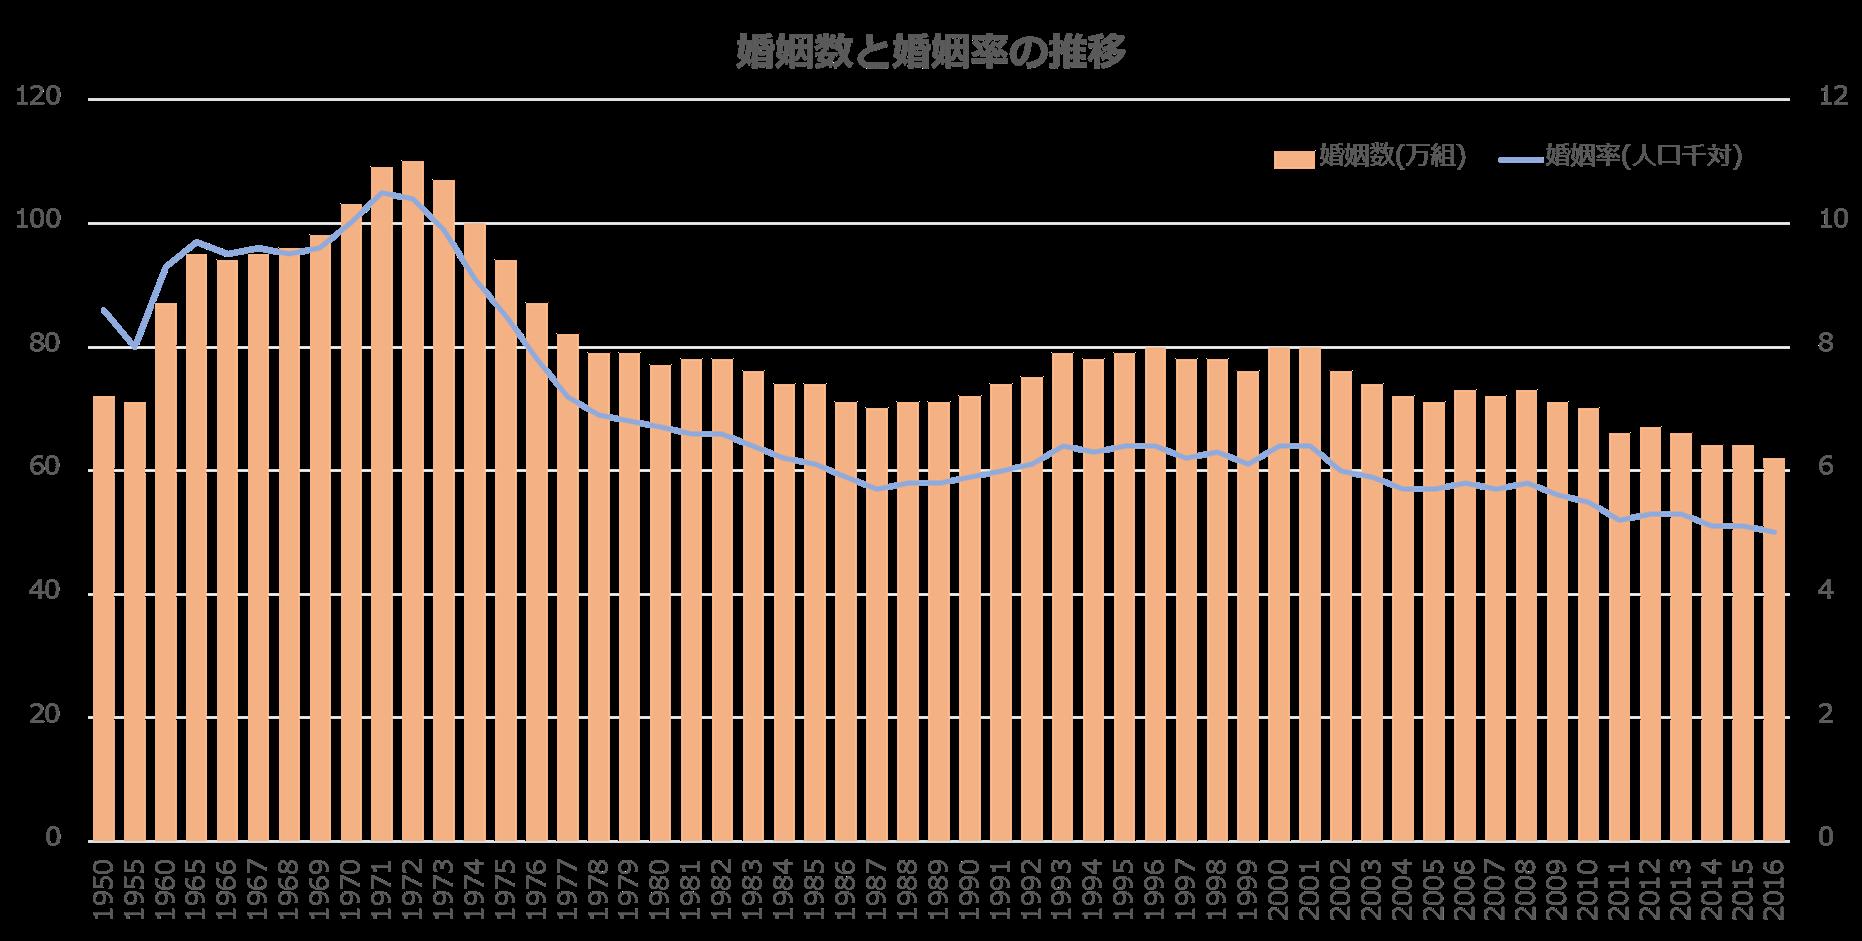 婚姻数と婚姻率の推移